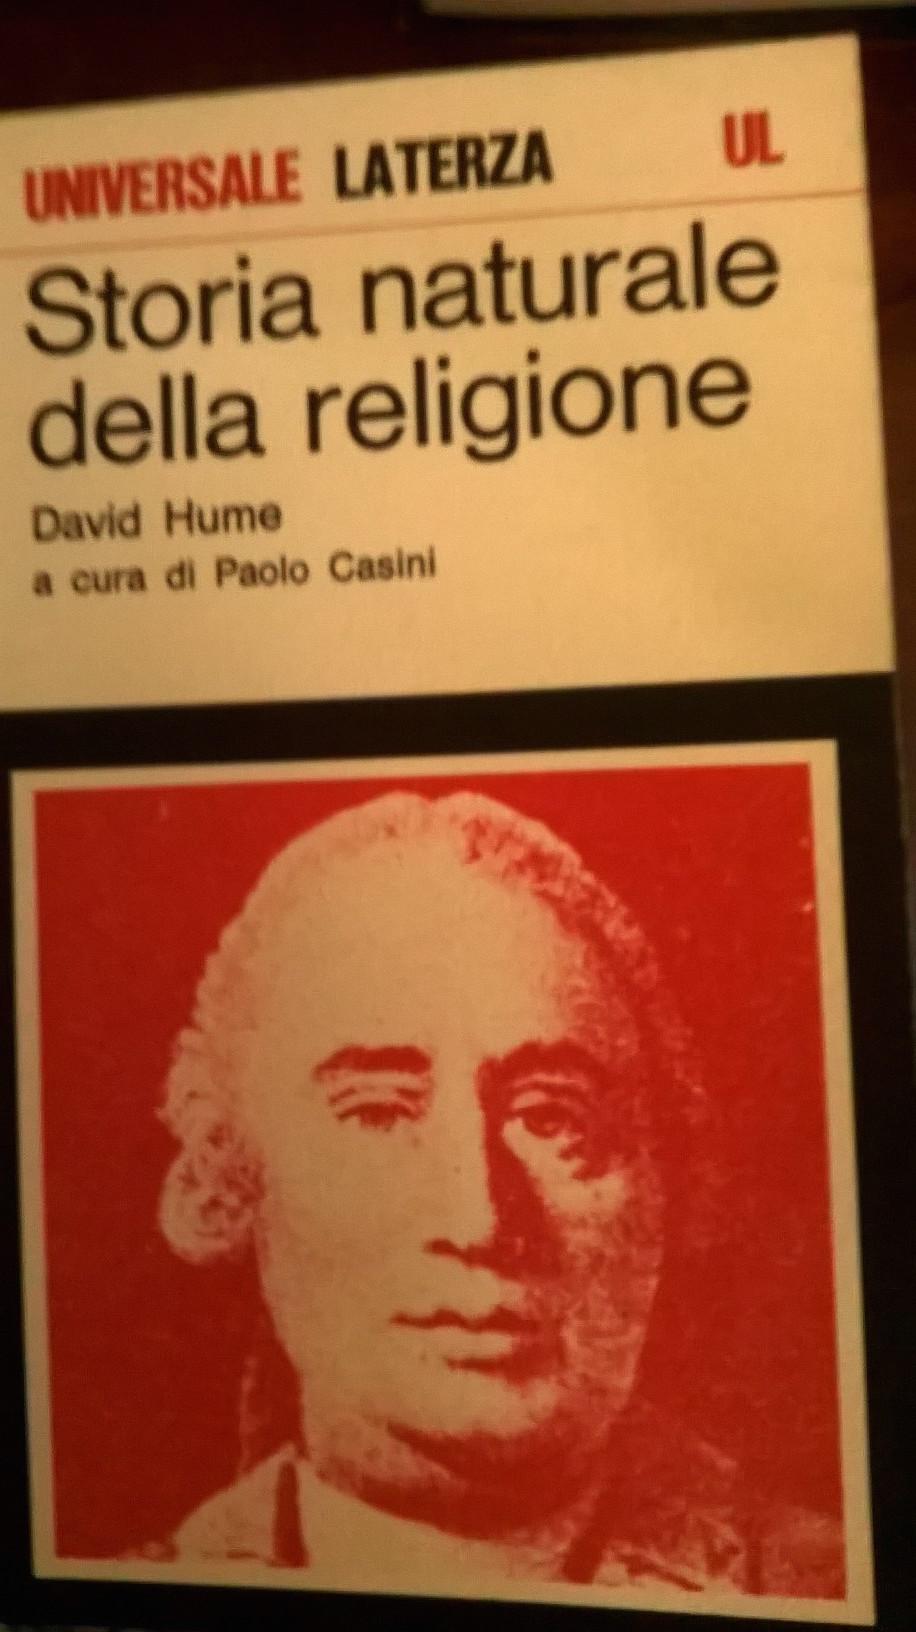 Storia naturale della religione